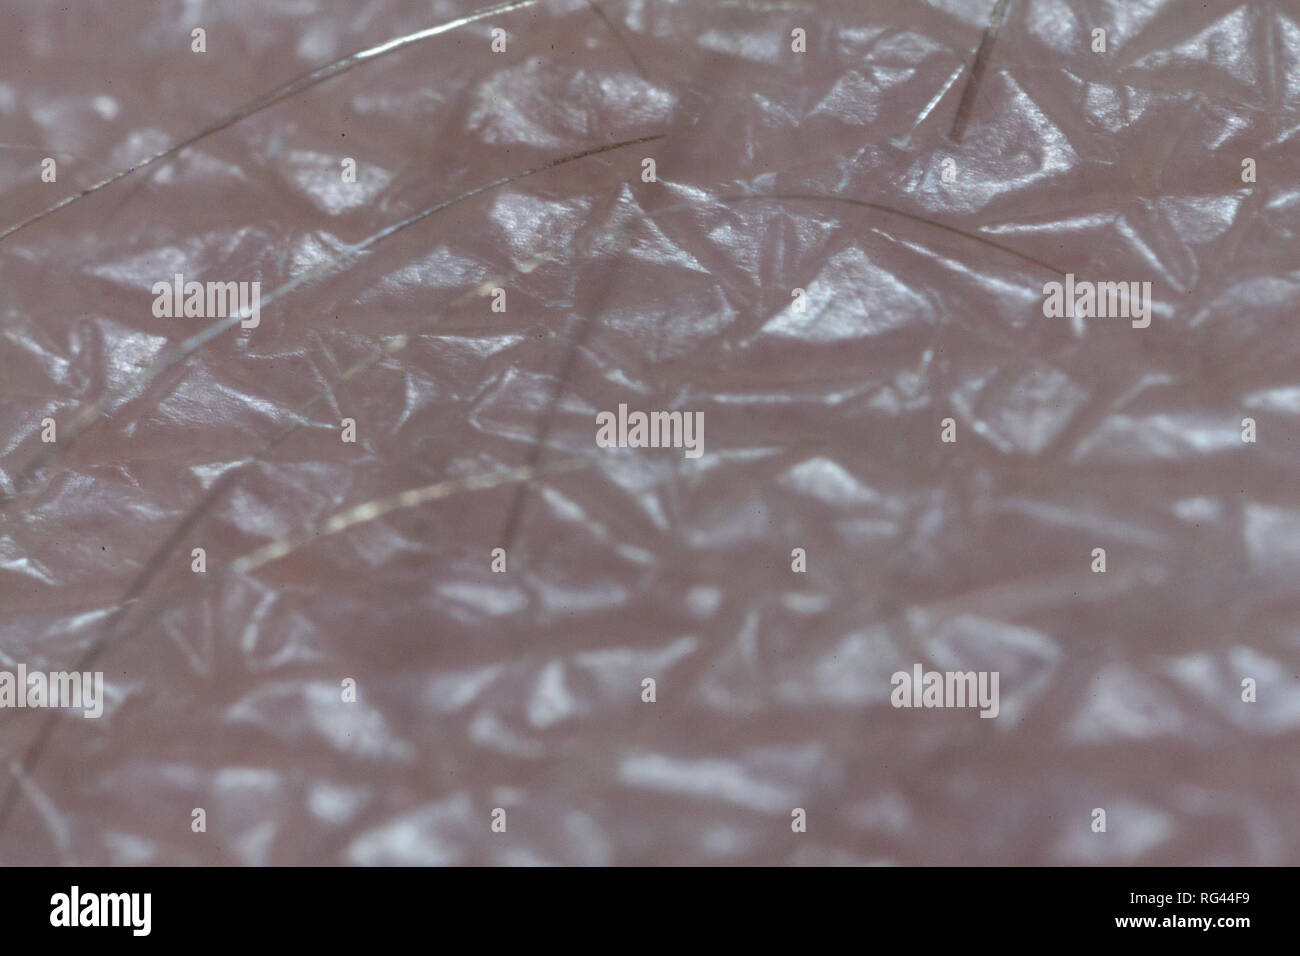 La pelle umana con i capelli, Macro 5x Immagini Stock